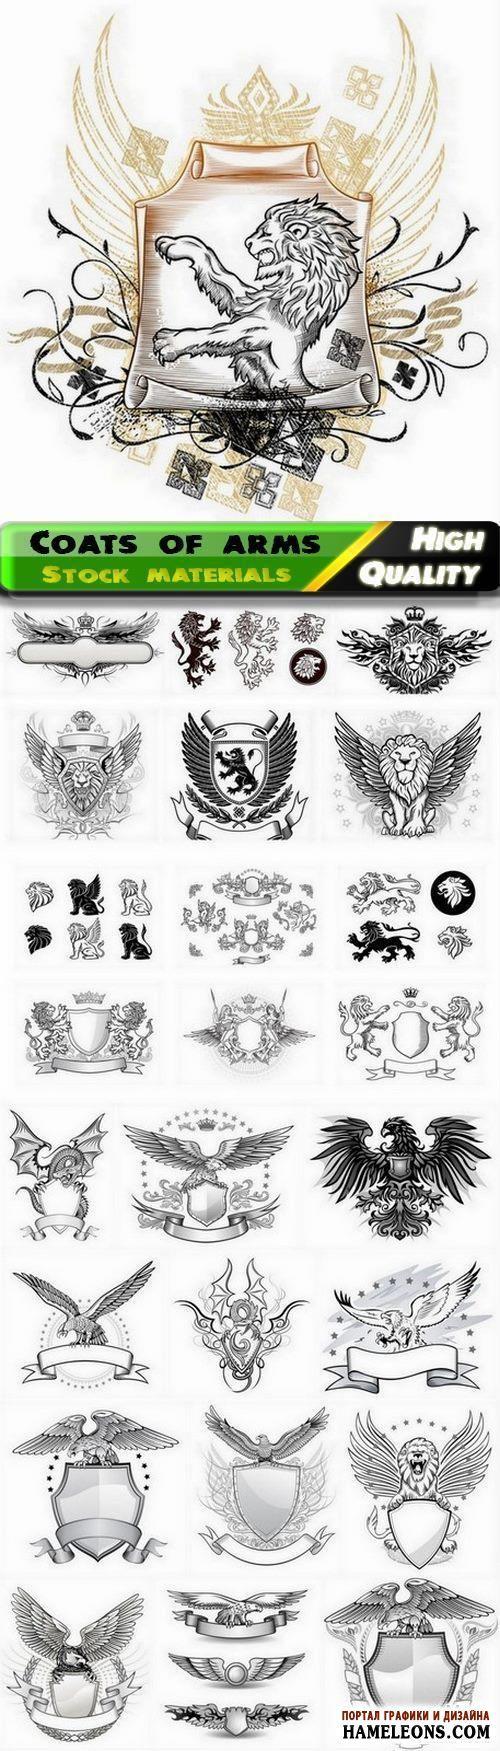 Гербы со львом, драконом, орлом, геральдические элементы для дизайна в векторе | Heraldry coats of arms